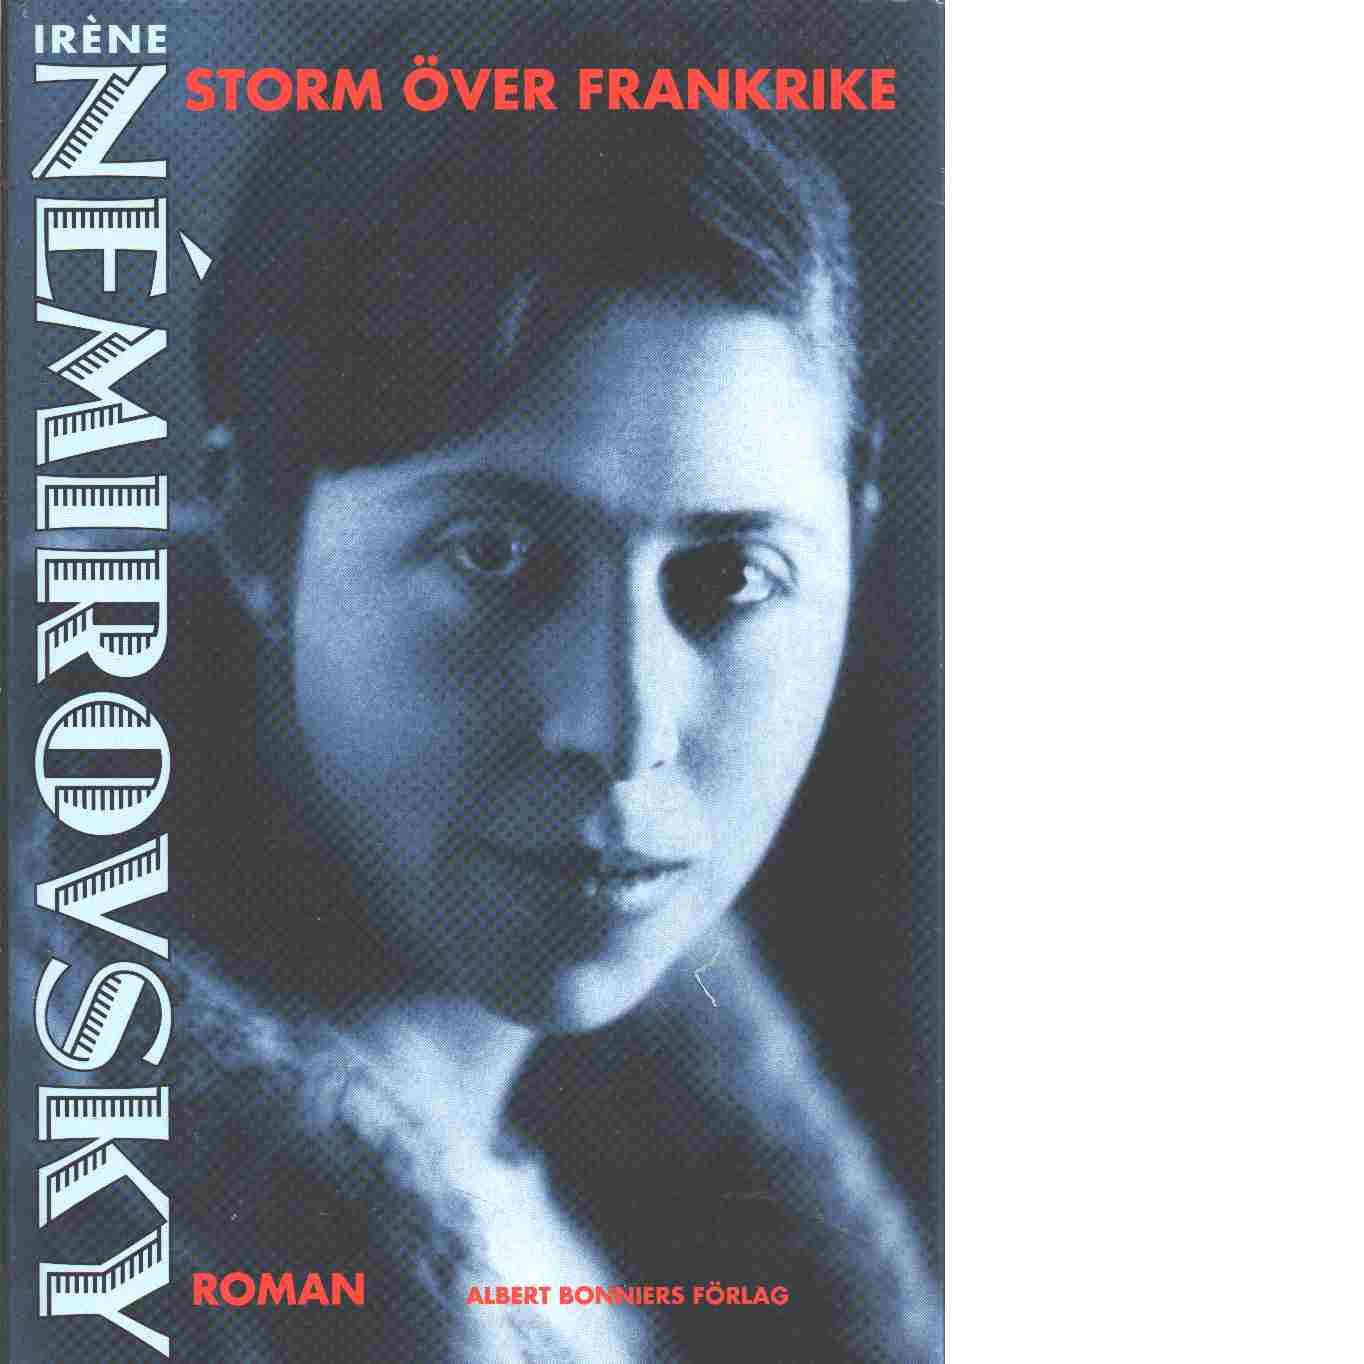 Storm över Frankrike - Némirovsky, Irène